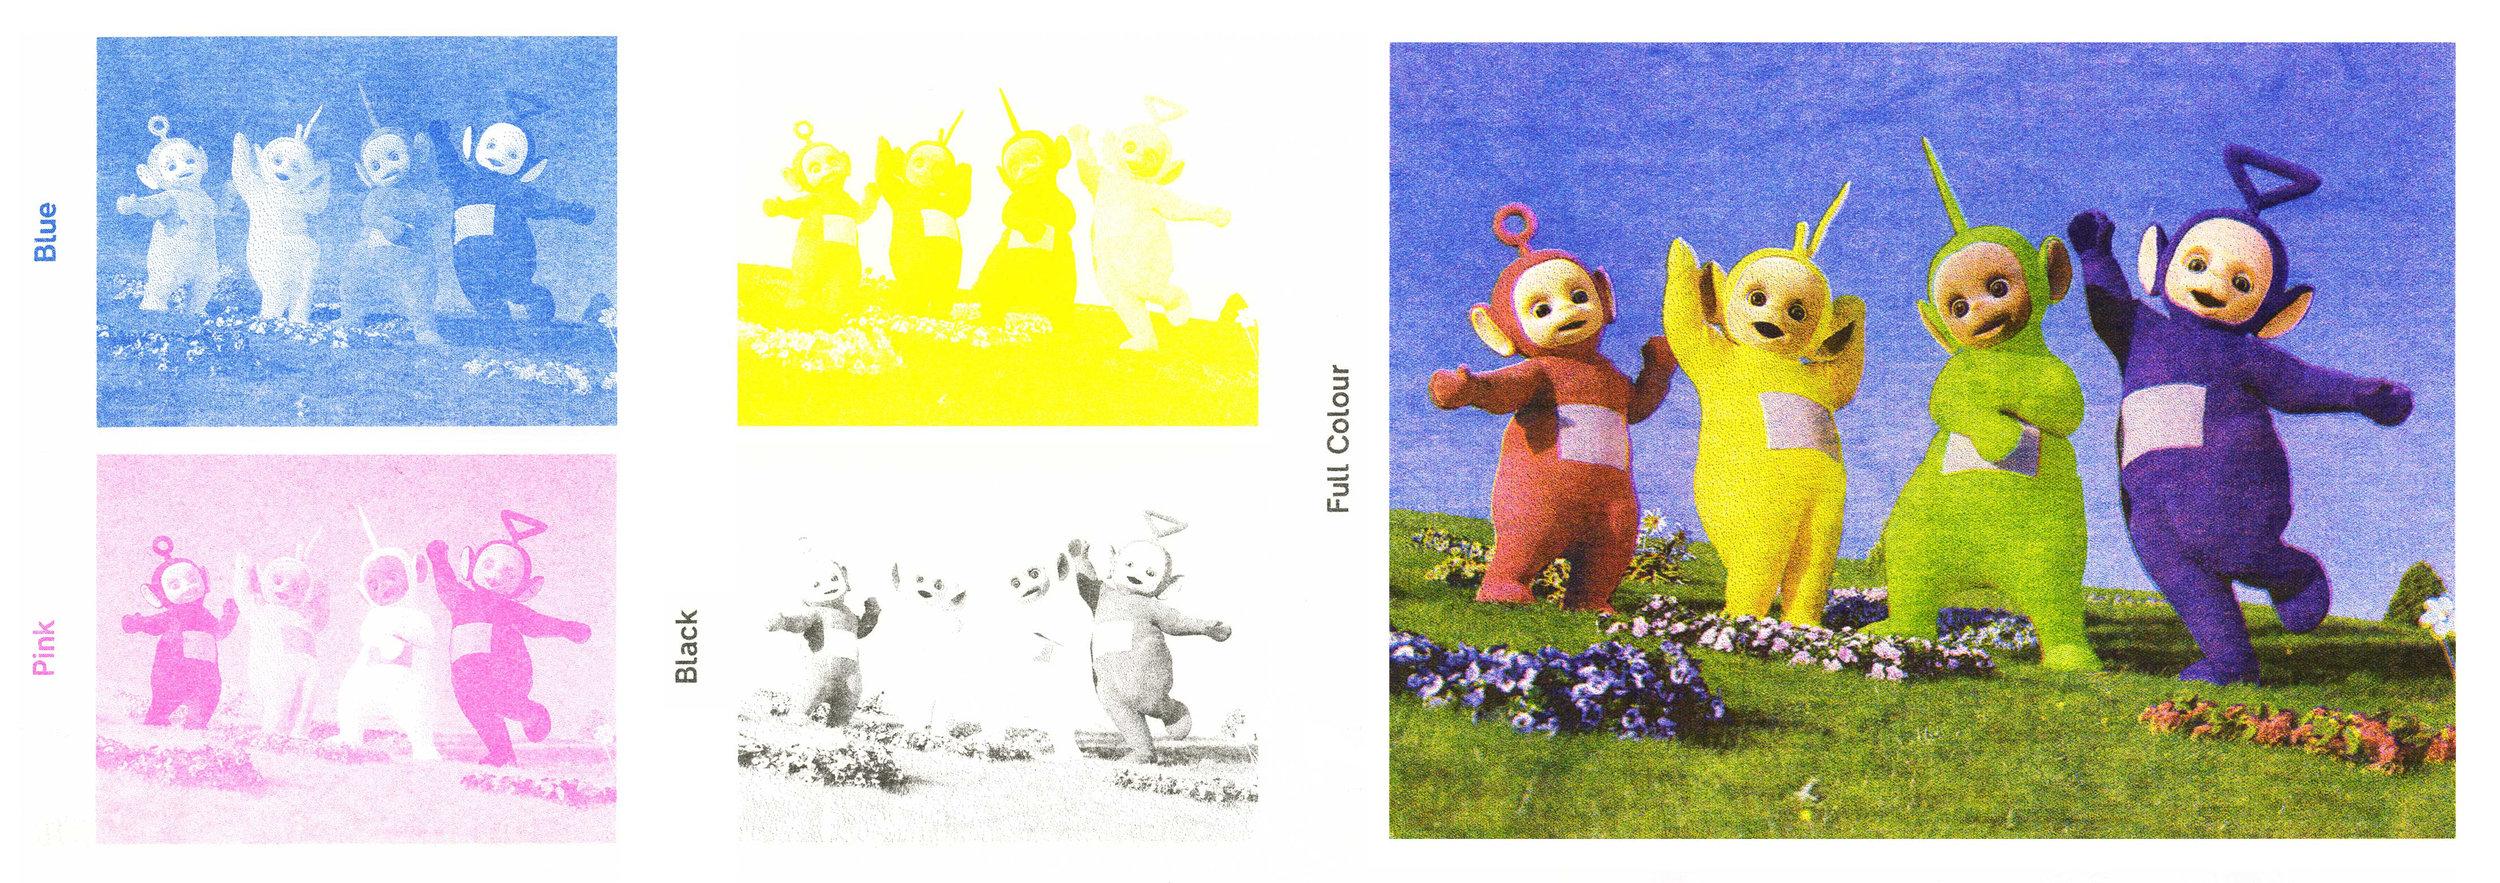 Full-Colour-CMYK.jpg